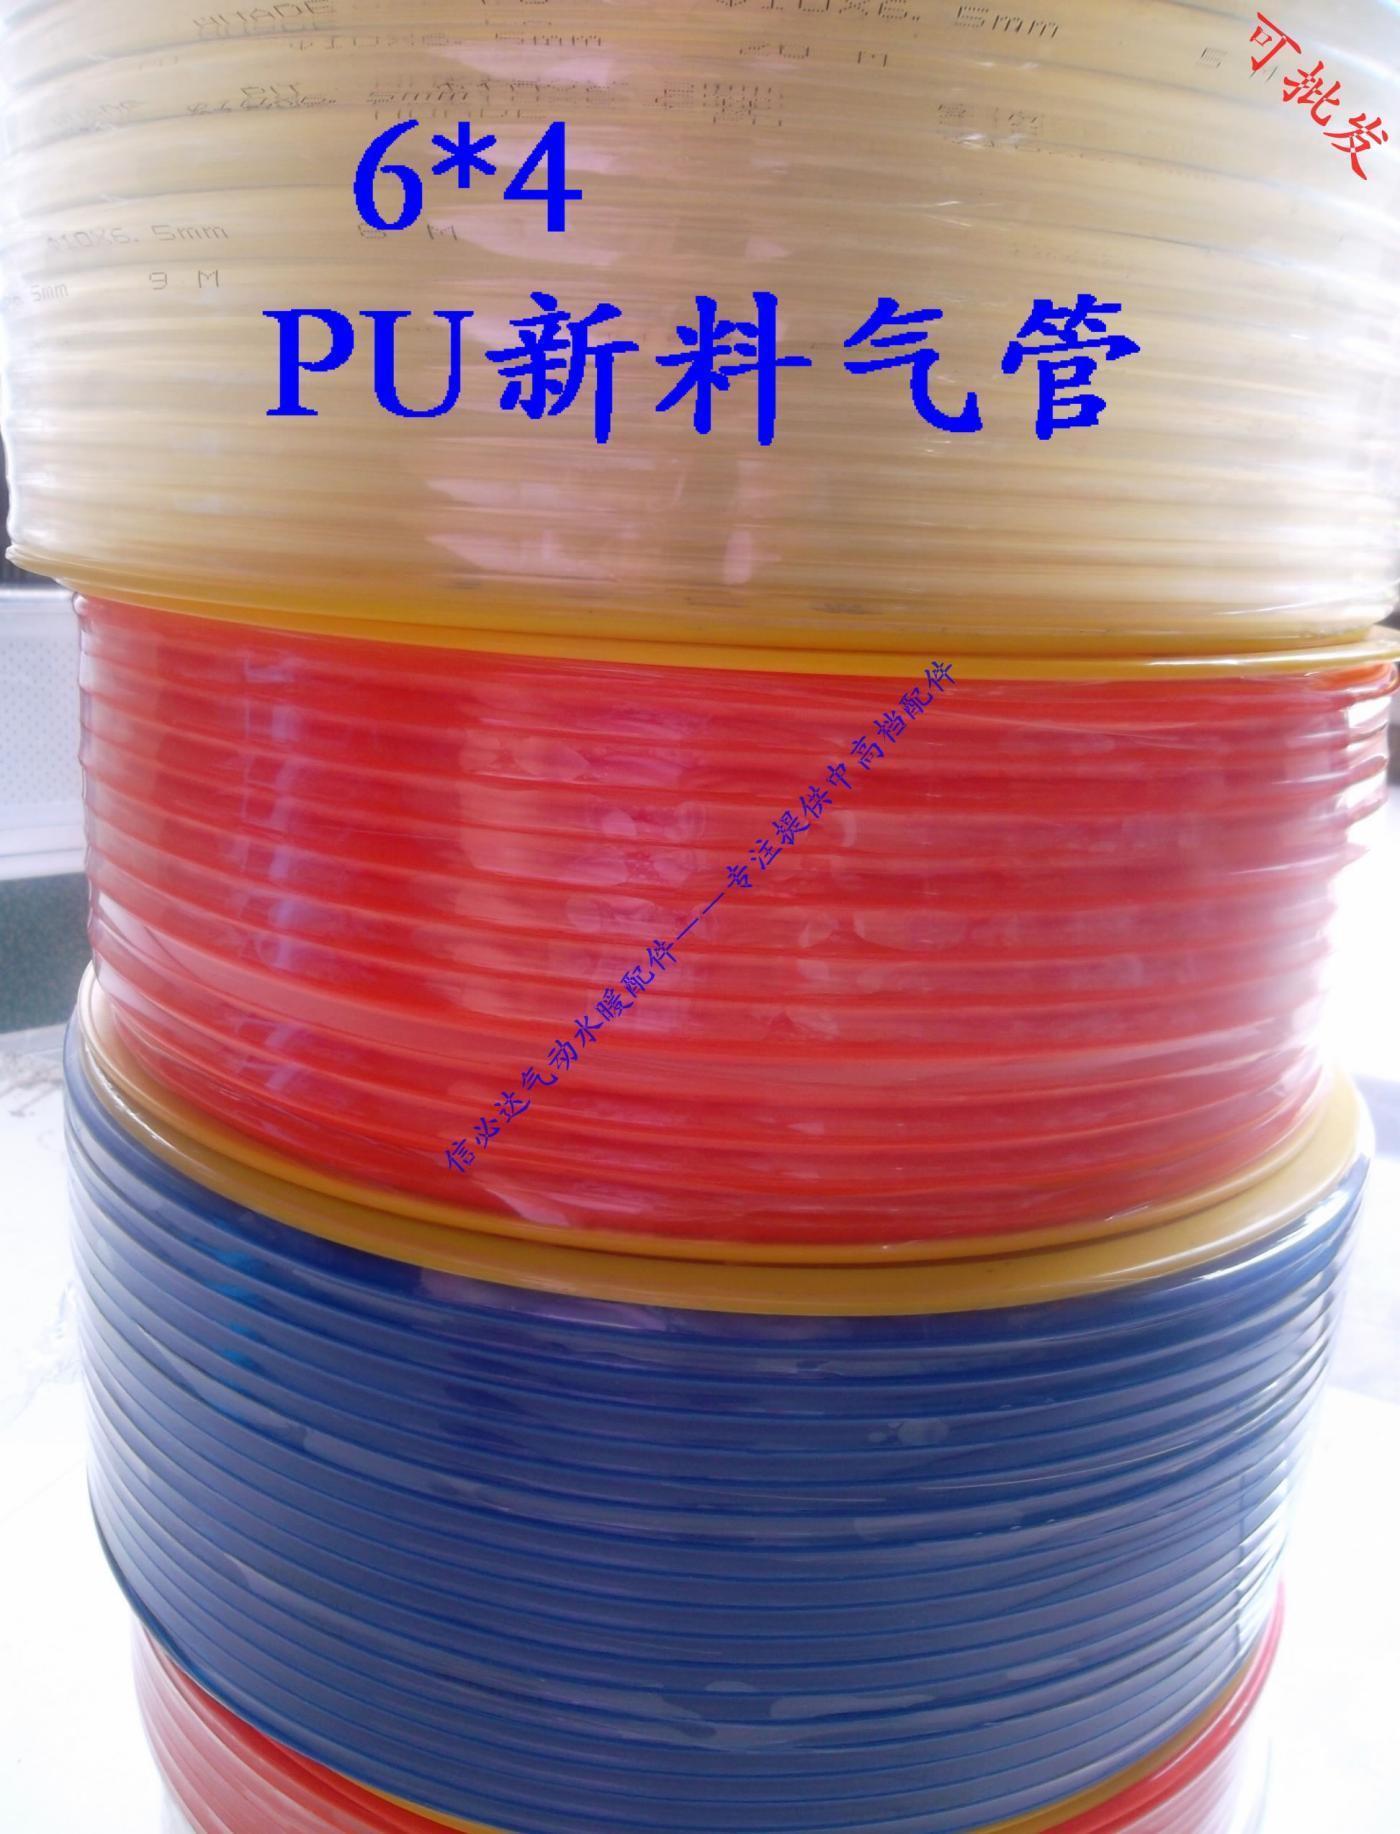 PU气管 软管 6*4 红 蓝 透明 进口料 风管3.5kg/卷 可比森田